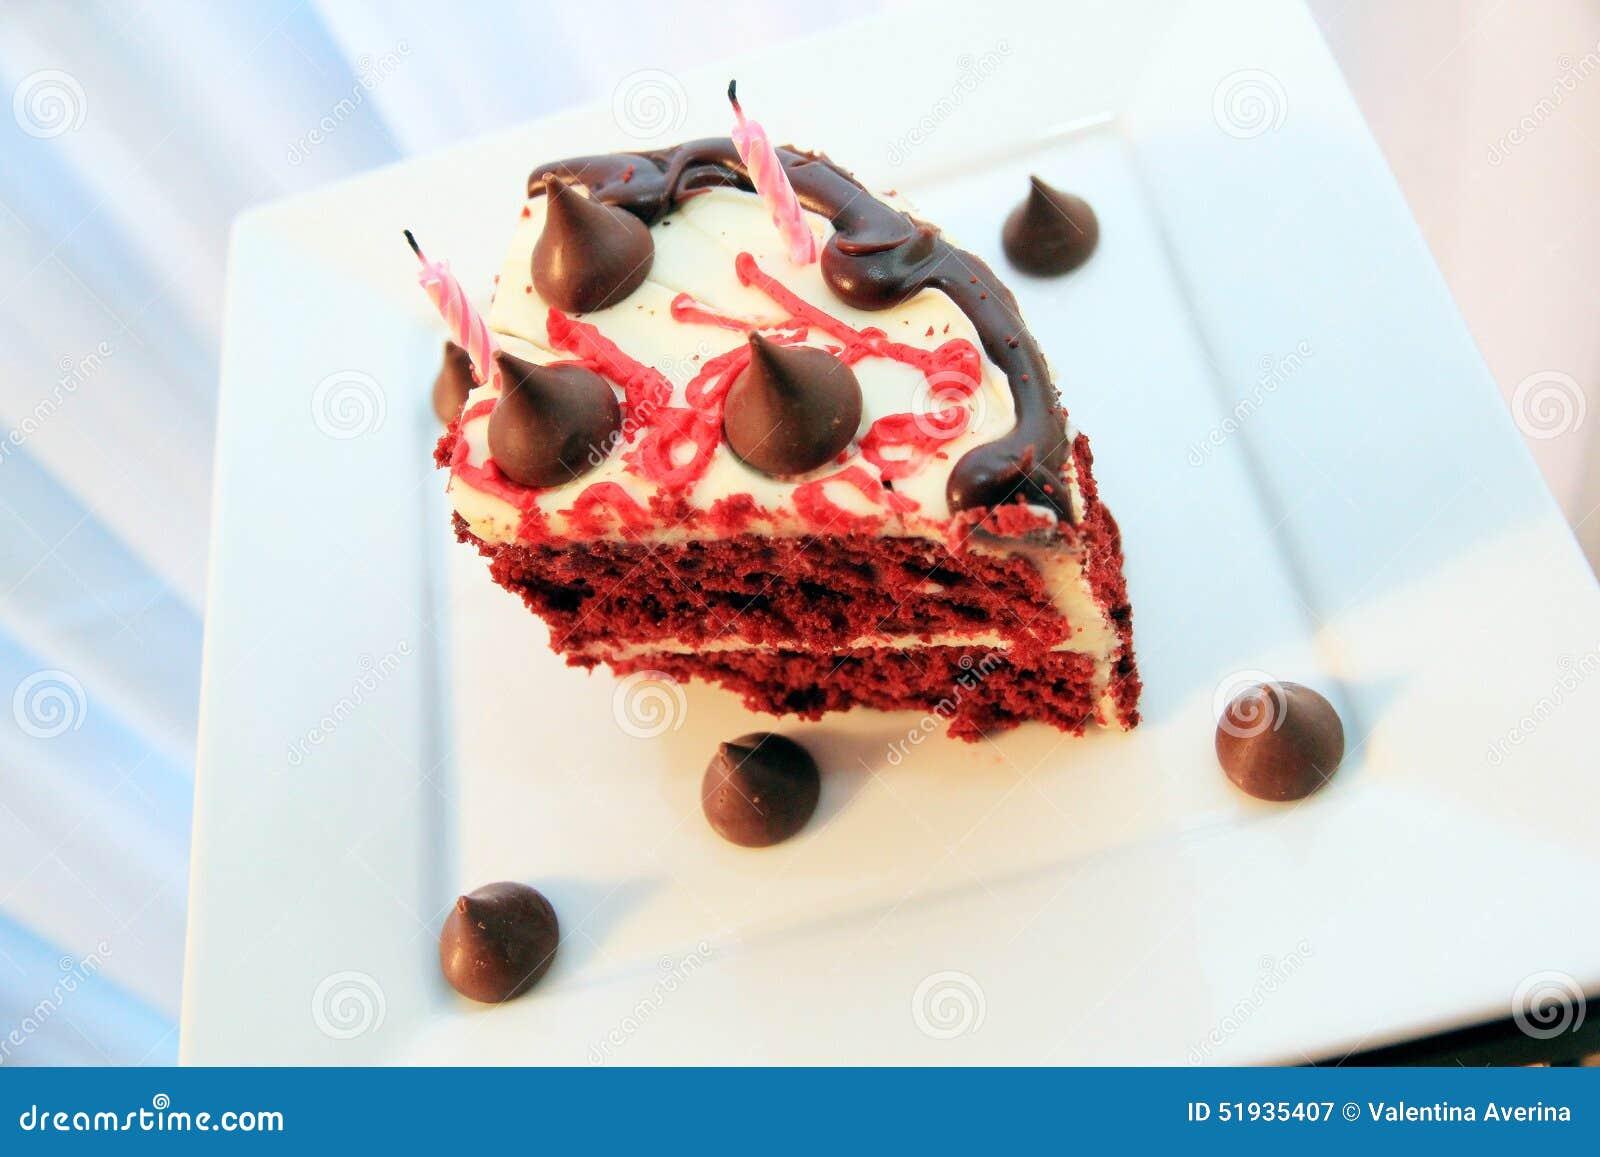 Sehr Geschmackvoller Und Schoner Kuchen Mit Kerzen Geburtstag